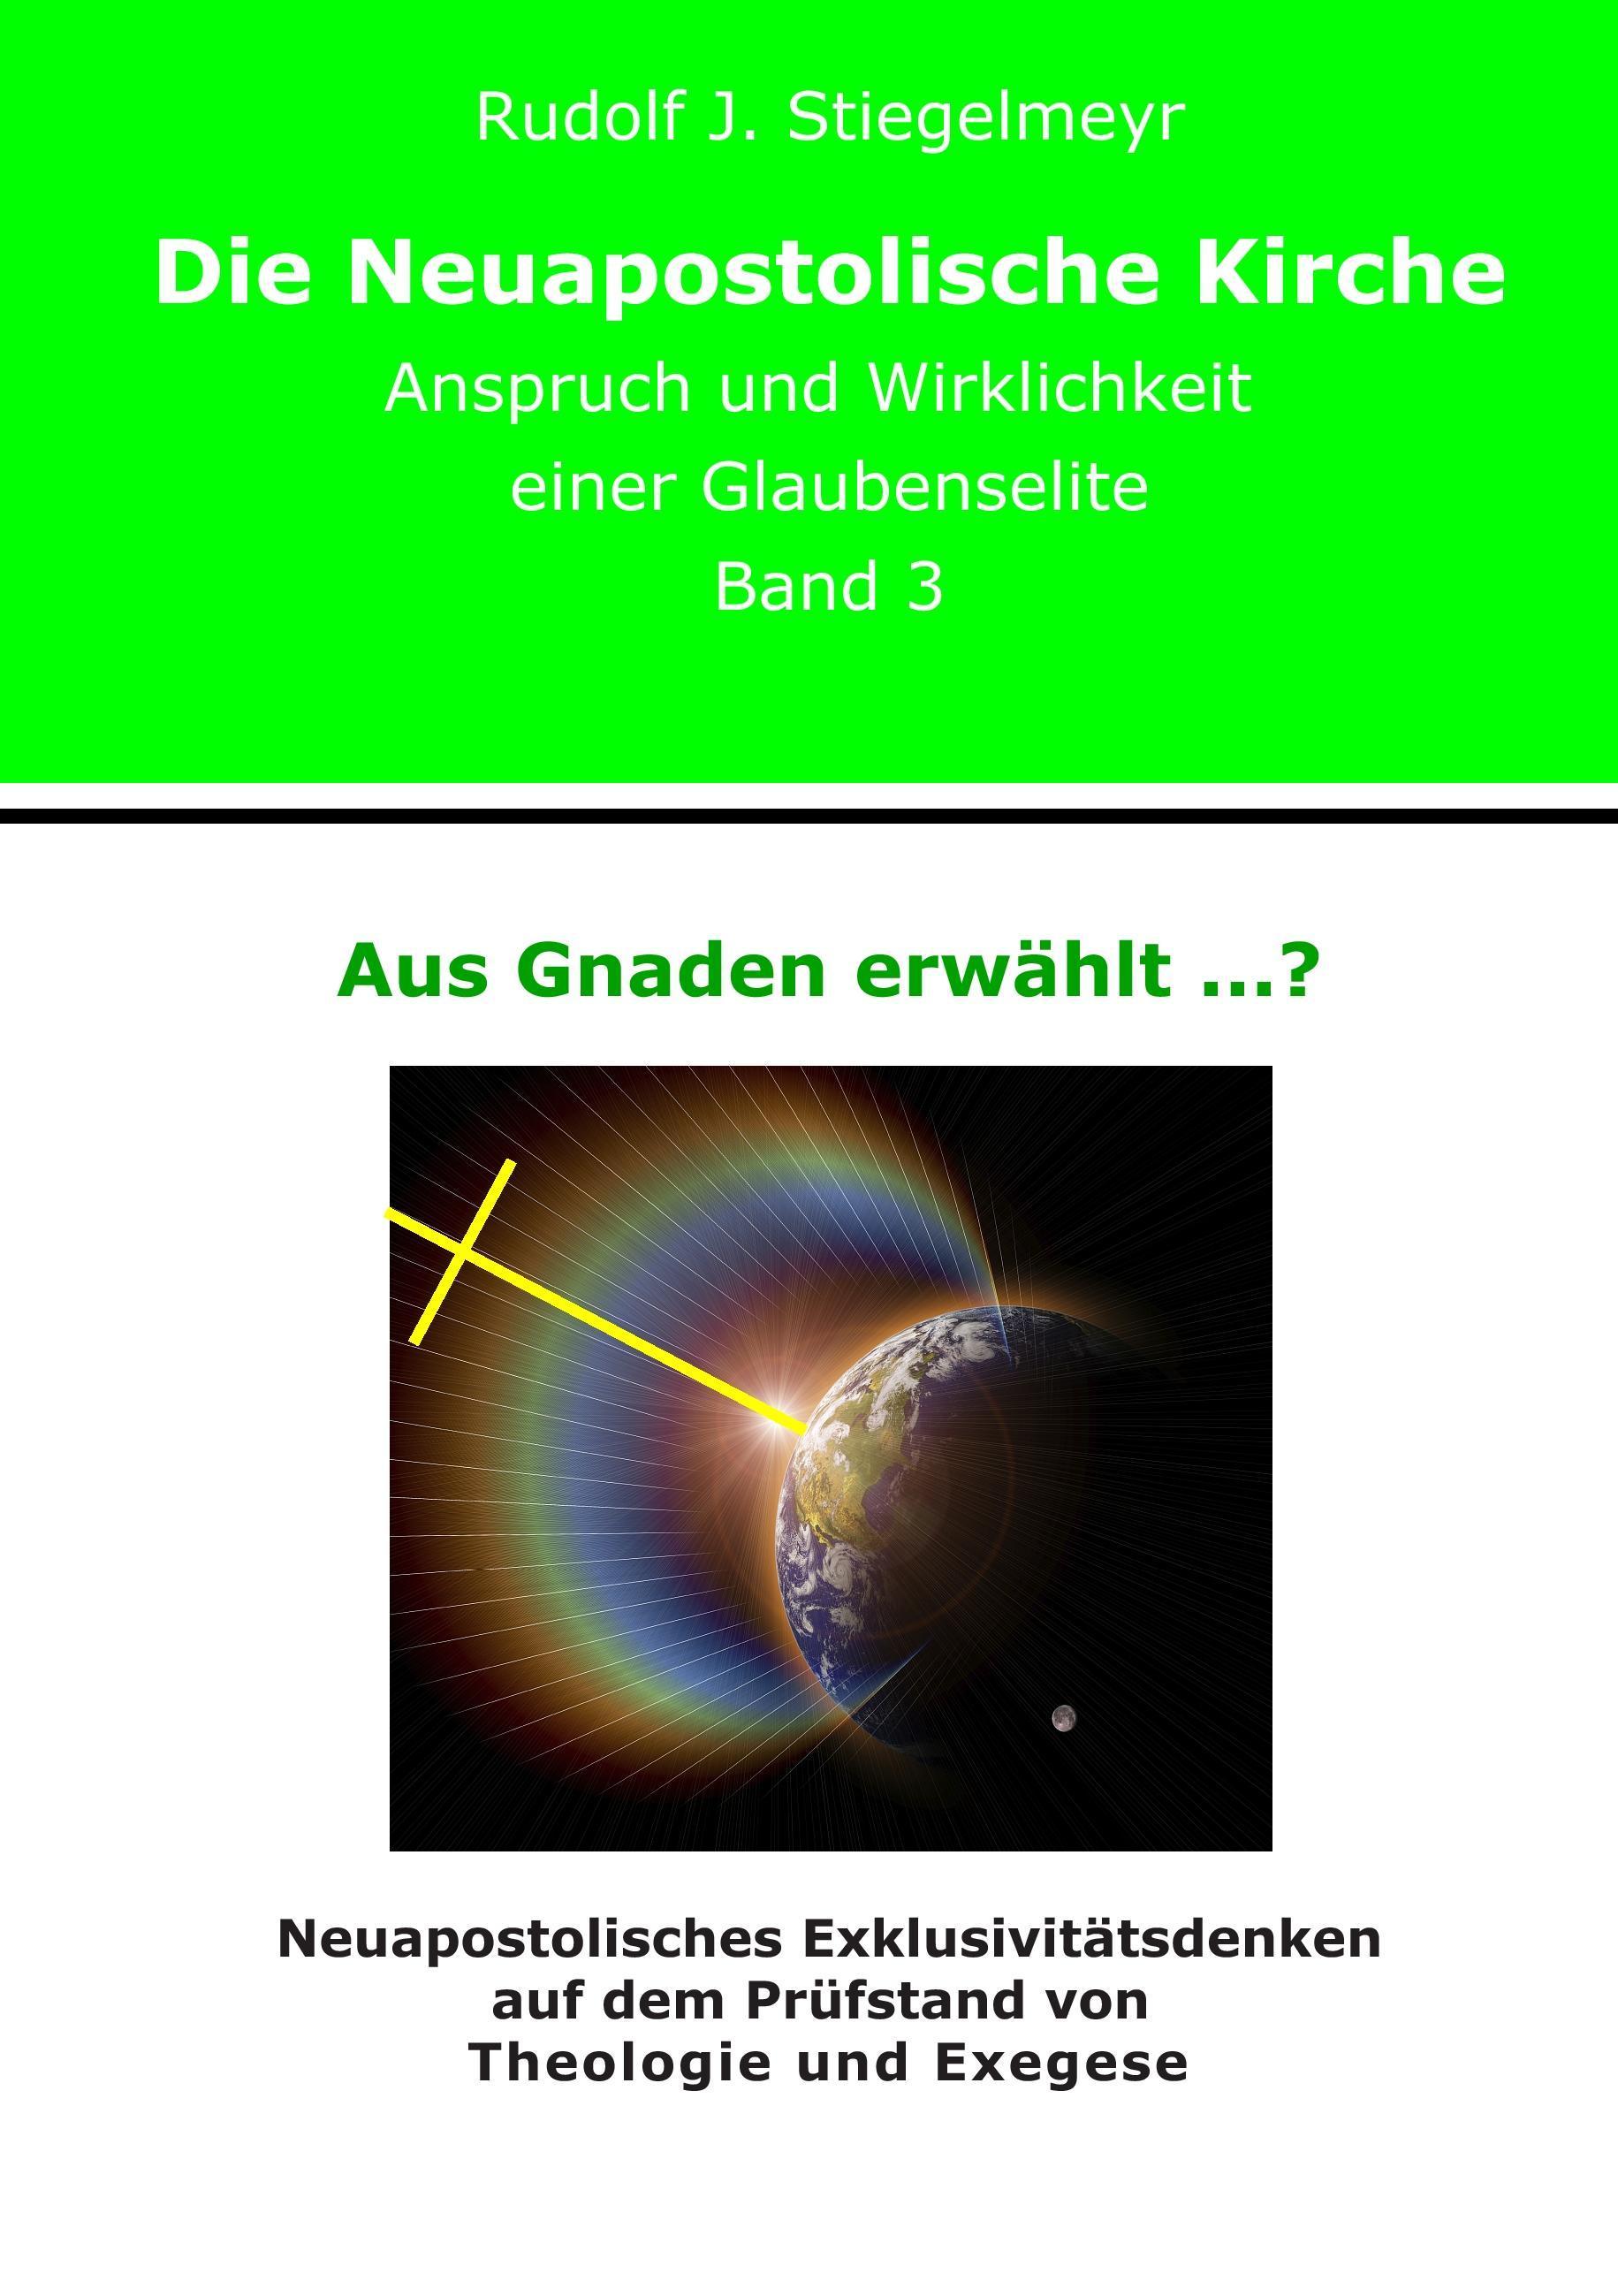 Aus Gnaden erwählt ...? Rudolf J. Stiegelmeyr